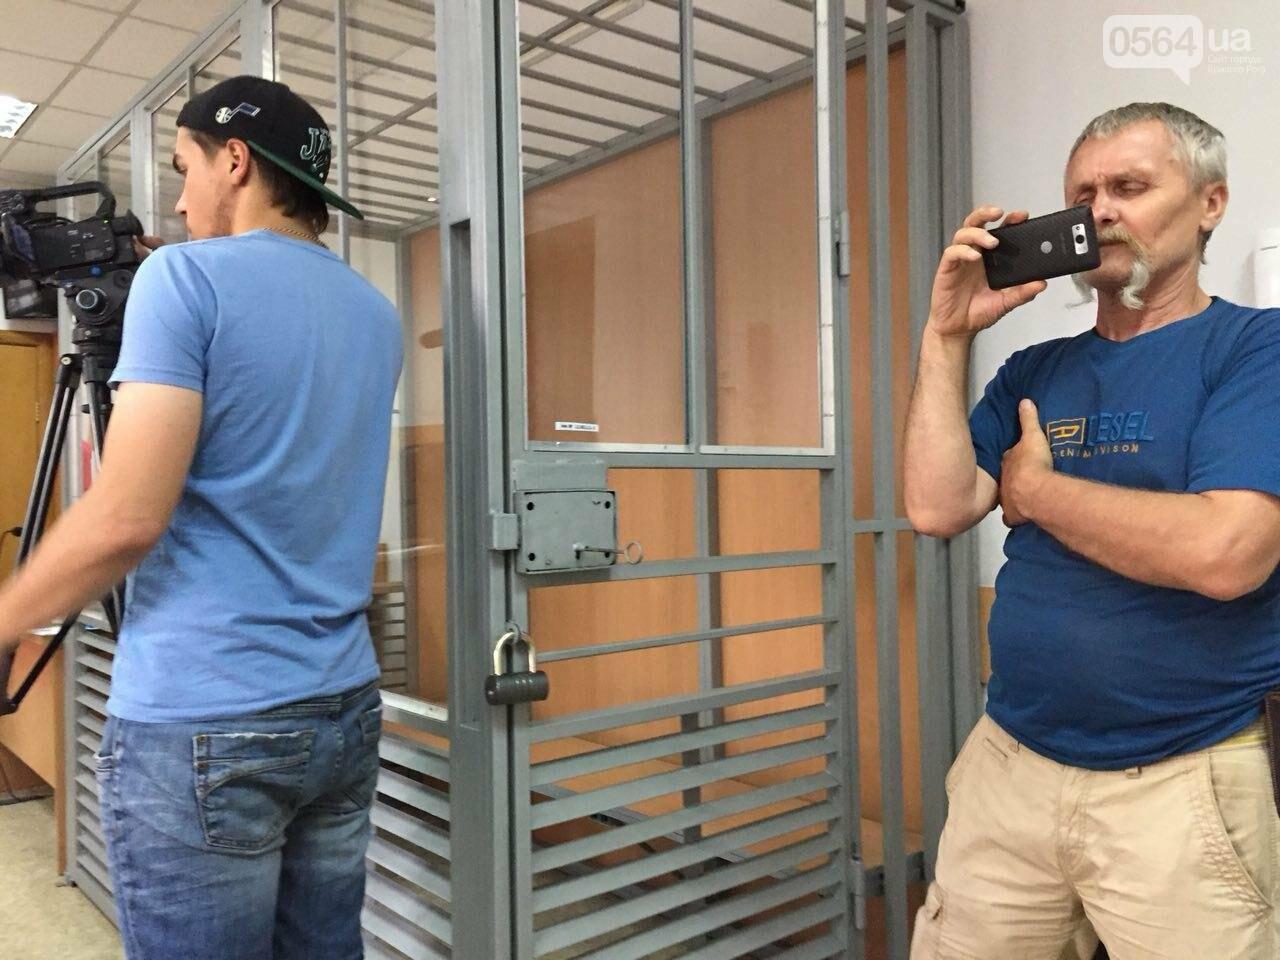 Закрыто или открыто? Сегодня в криворожском суде решали, как рассматривать дело супругов Кудрявцевых, - ФОТО, фото-11